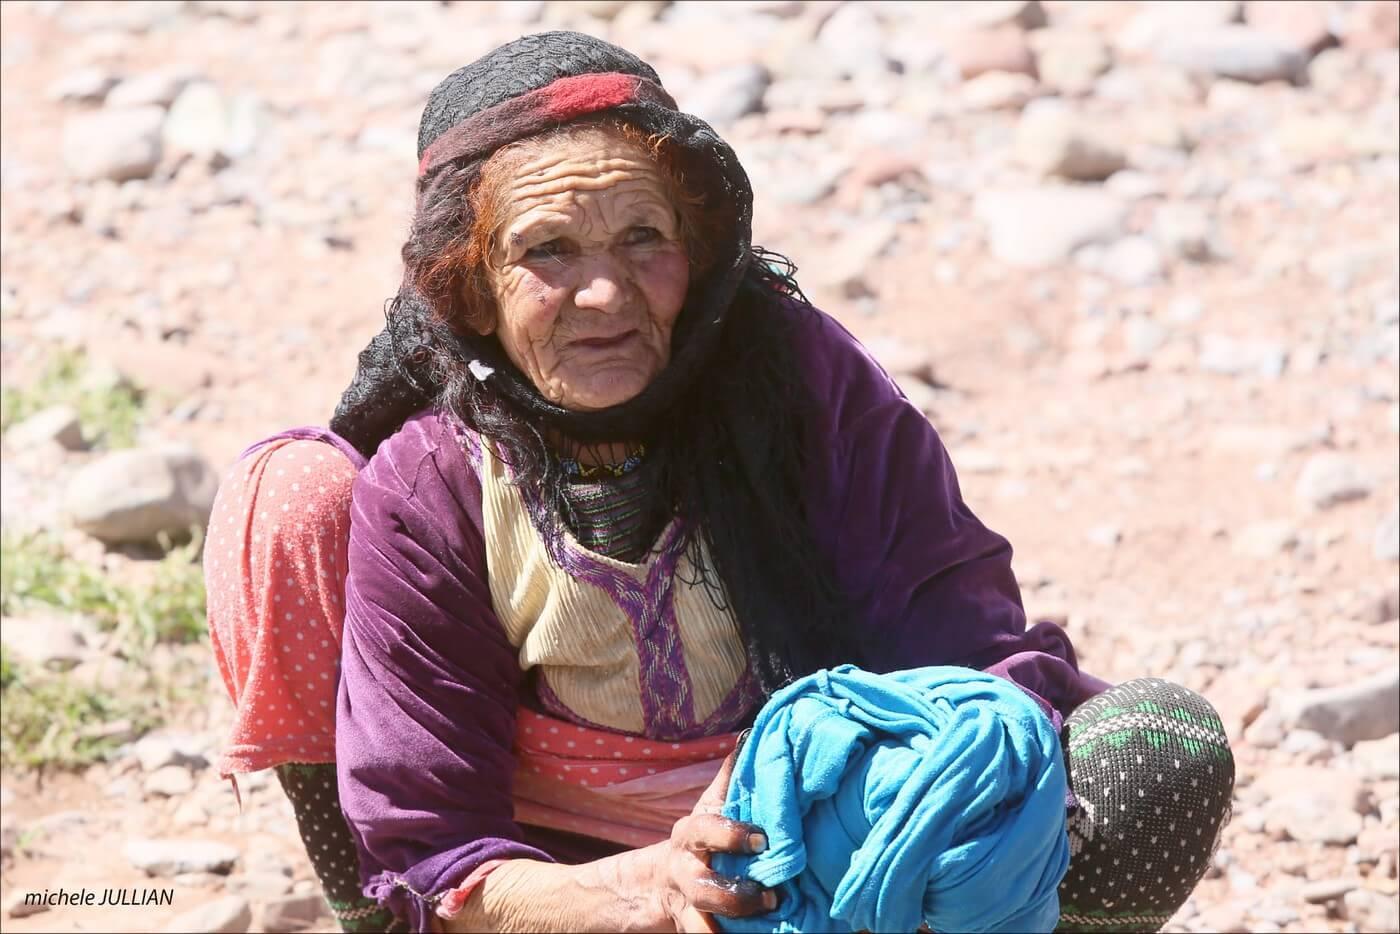 portrait de vieille femme berbère en train de laver son linge